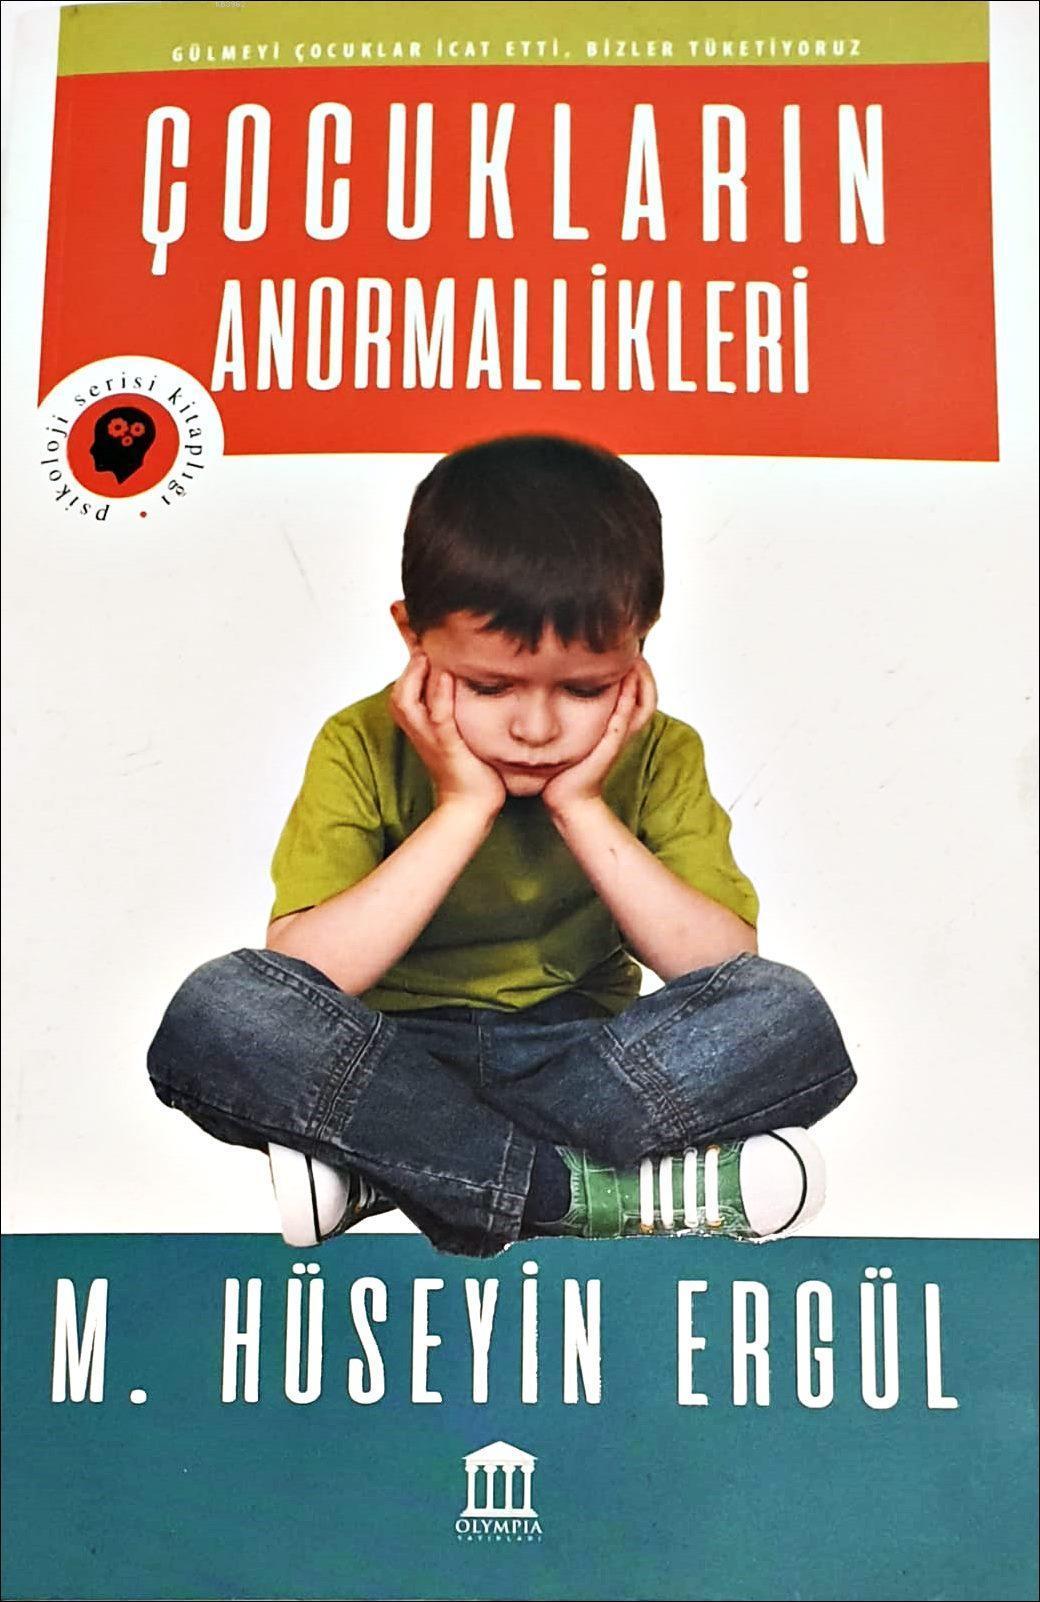 Çocukların Anormallikleri